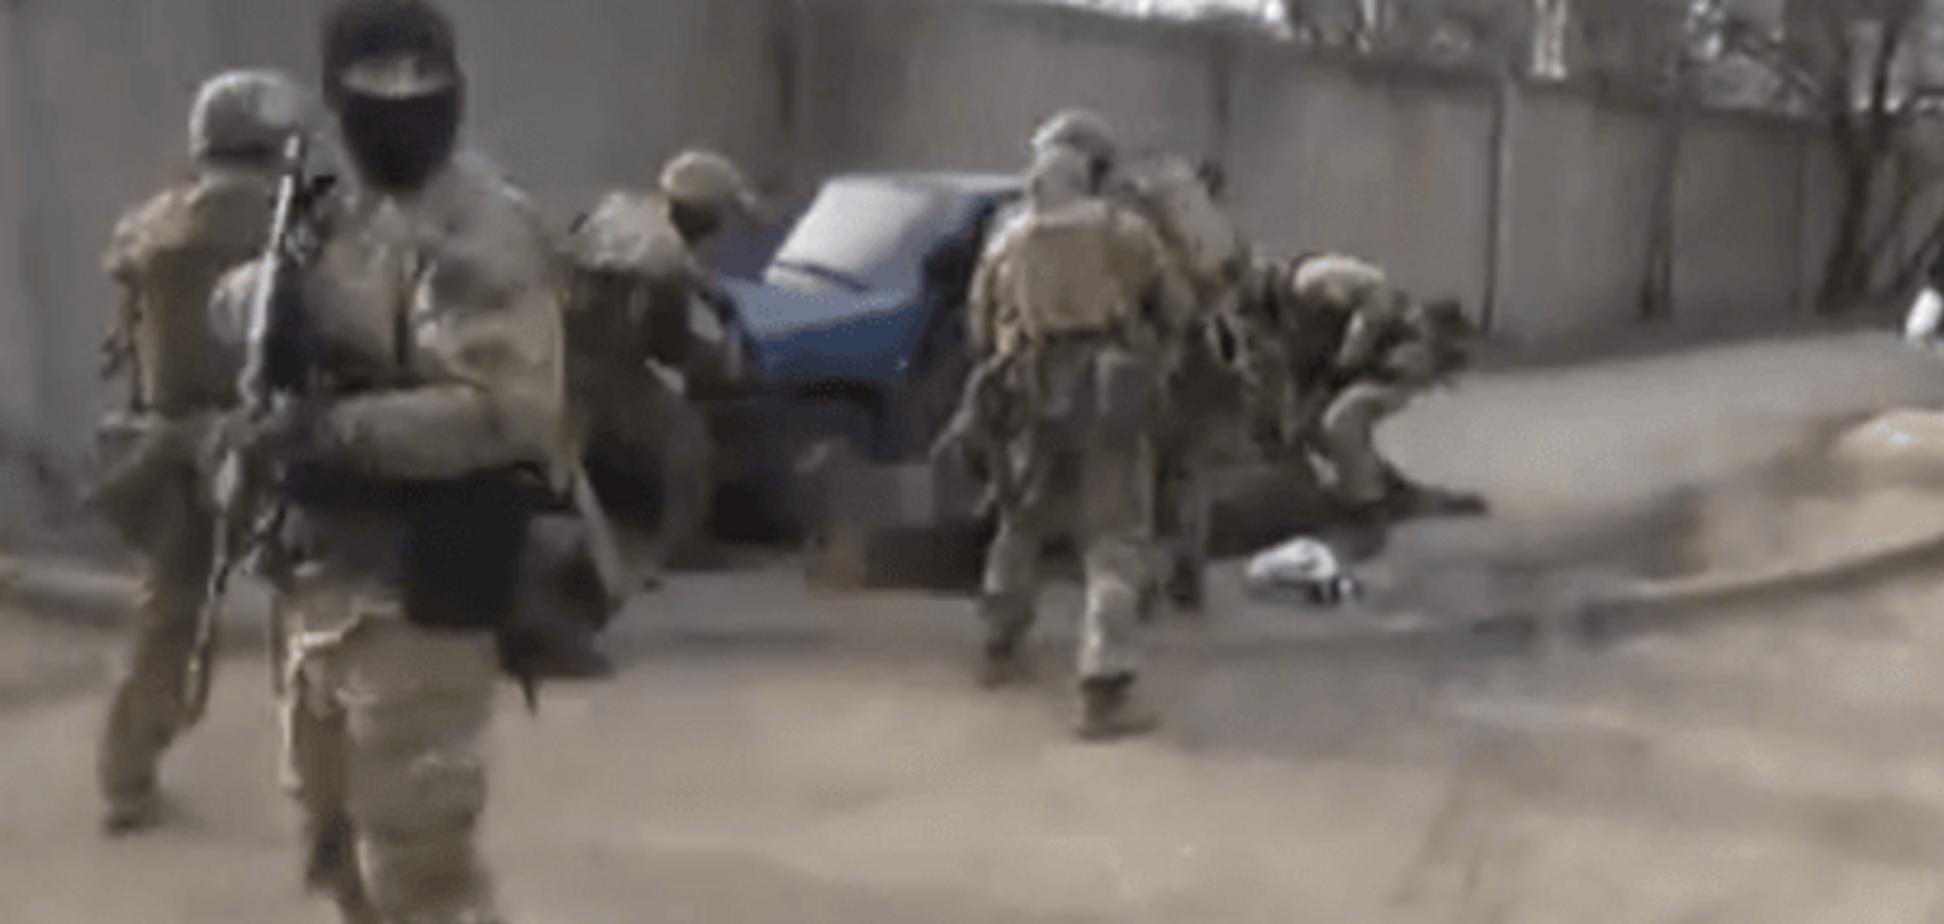 СБУ спіймала розвідгрупу ЗСУ, яка 'намилилась' перейти на бік терористів